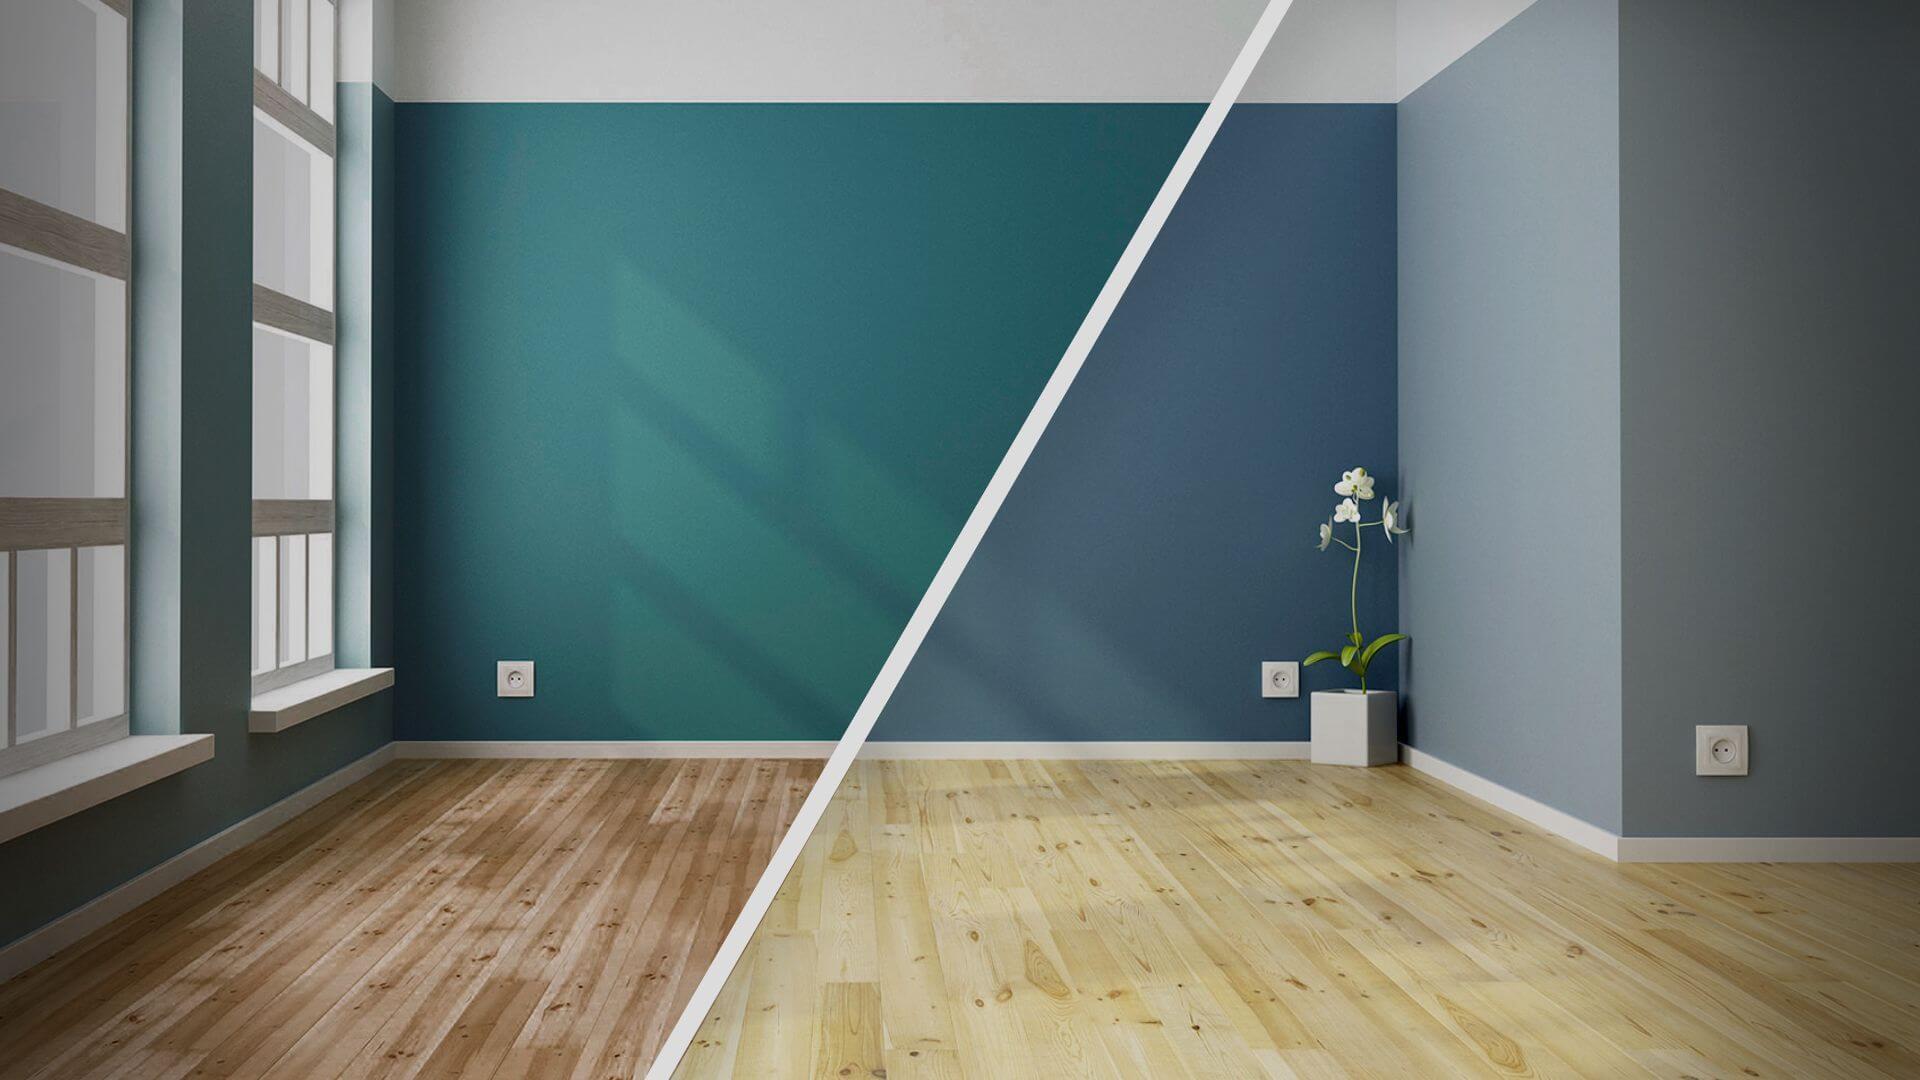 Как выбрать краску для стен в квартире? какая лучше для покраски валиком, как подобрать цвет обоев в комнату ребенка